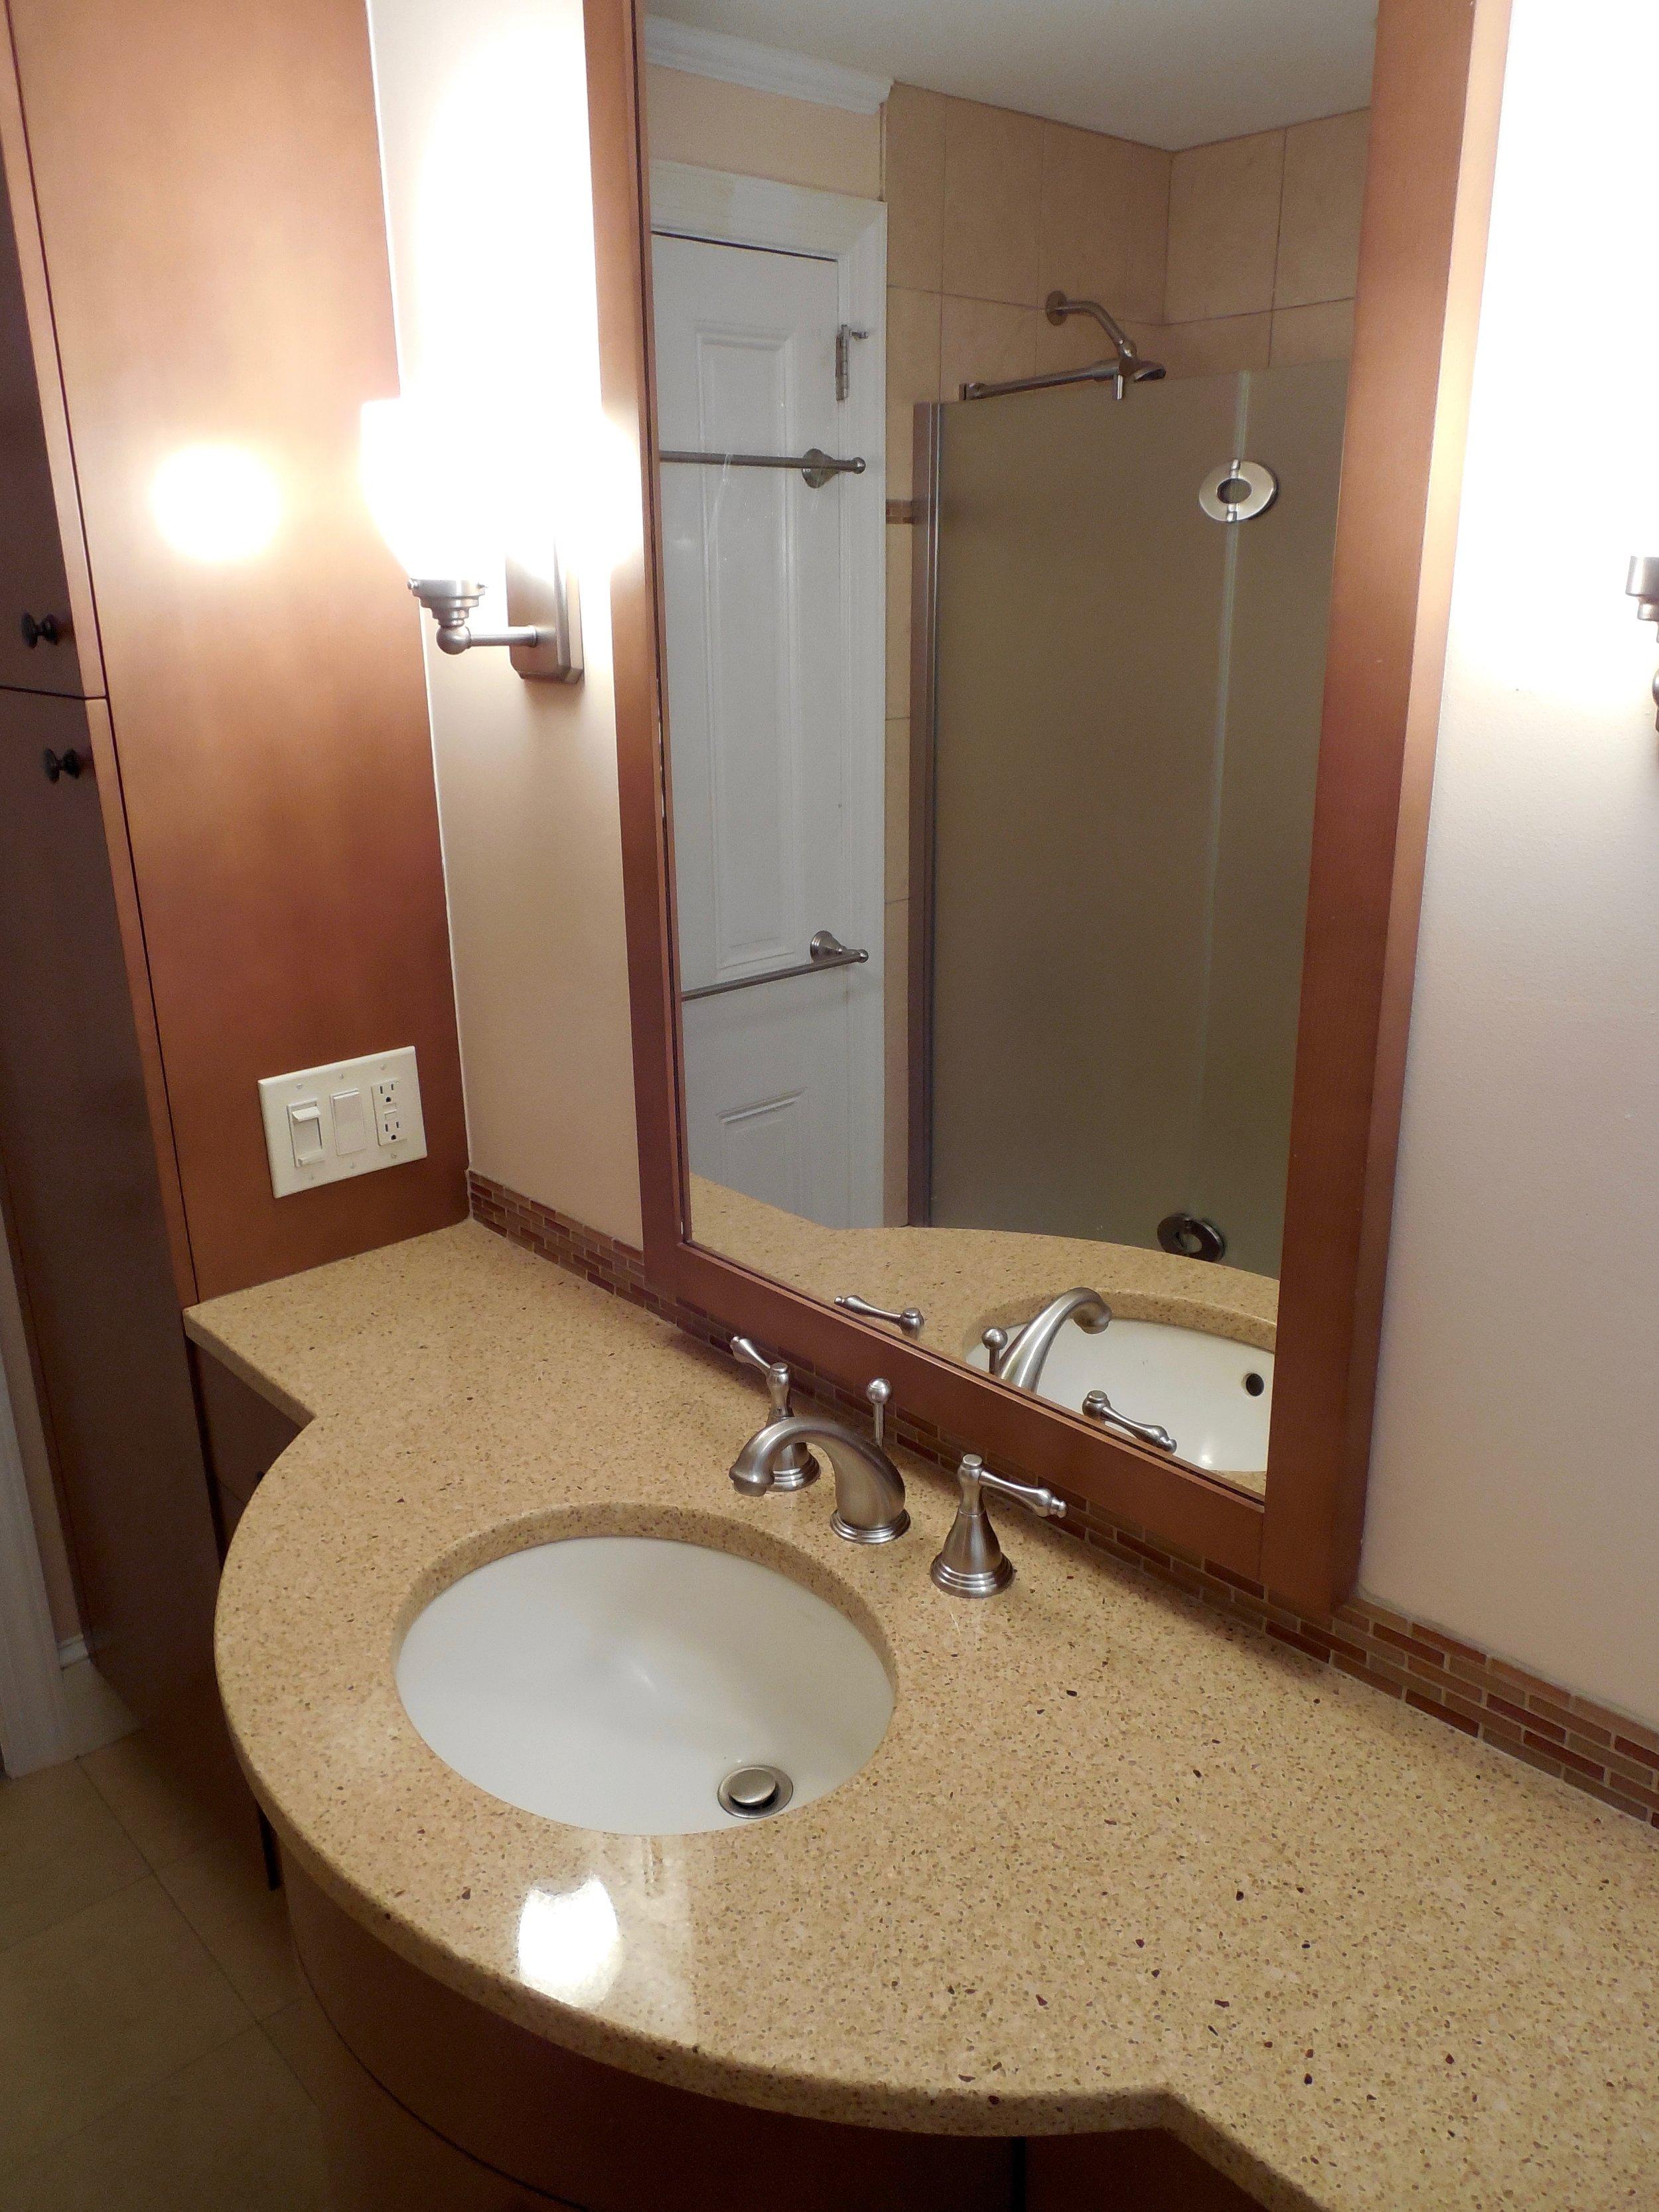 zzzzbathrooms 009.jpg